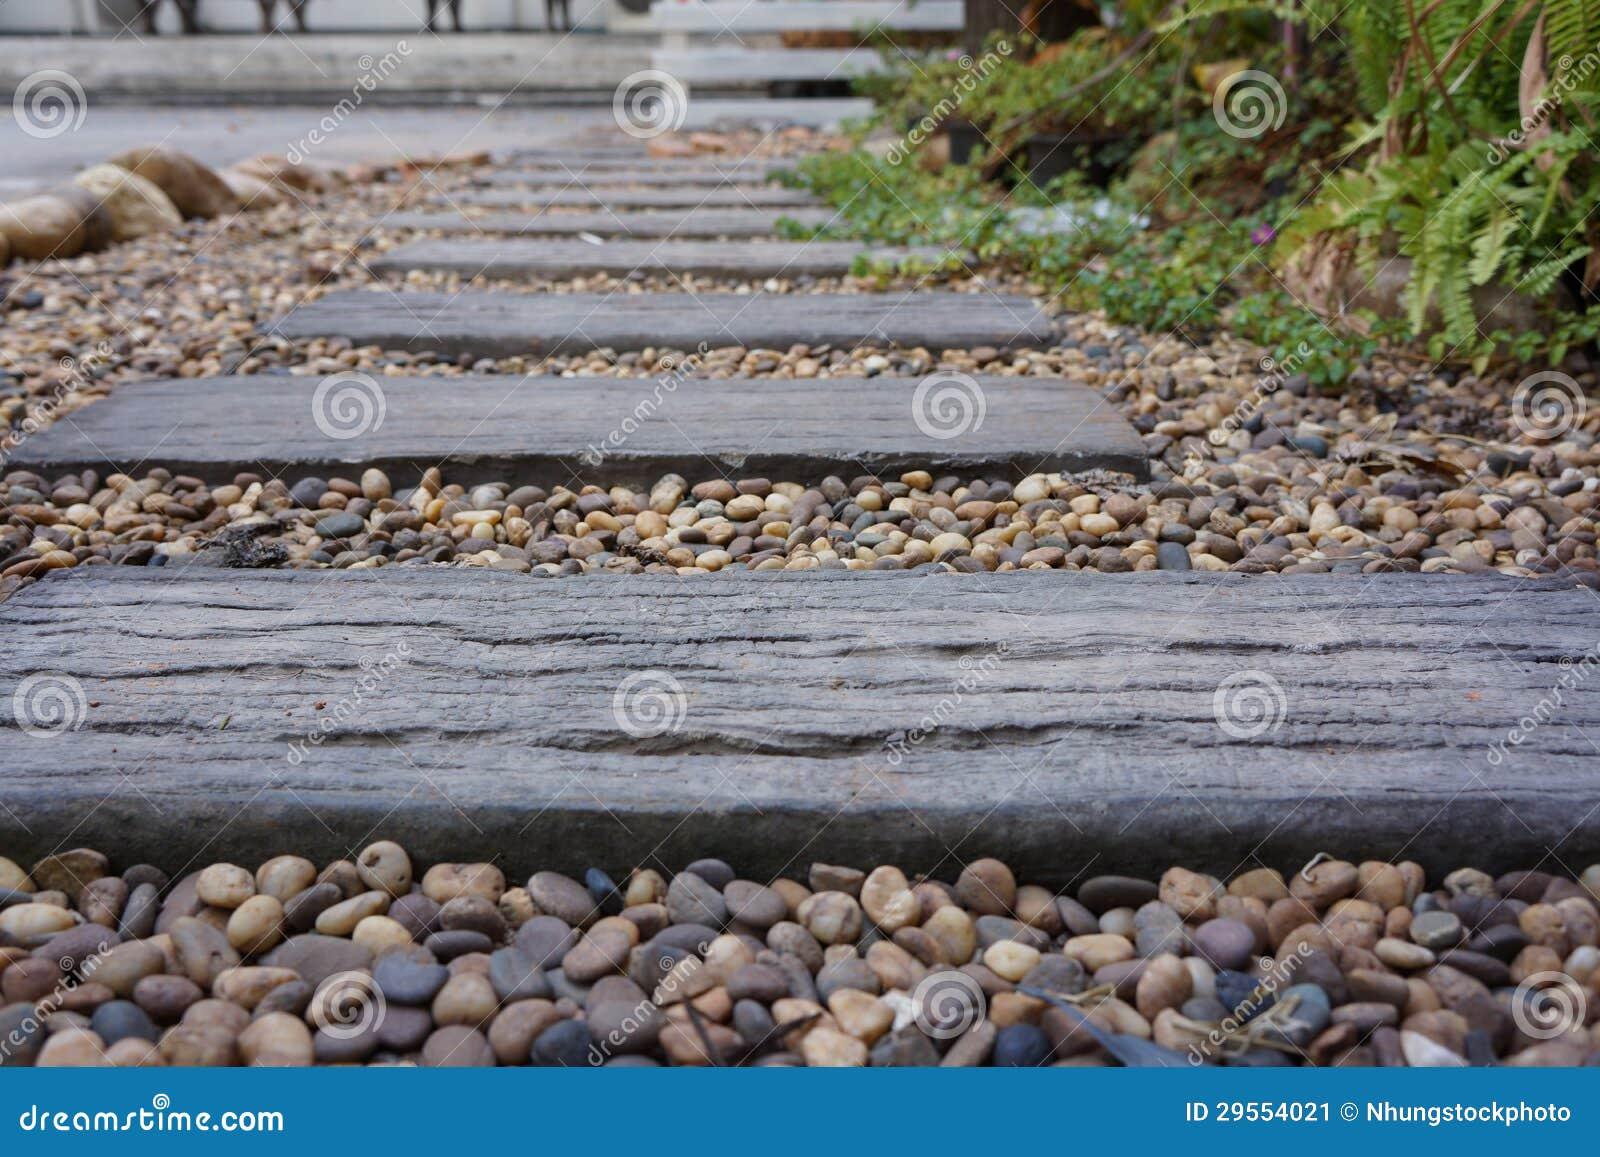 H lzerner pfad im garten stockbild bild 29554021 for Jardines con madera y piedra